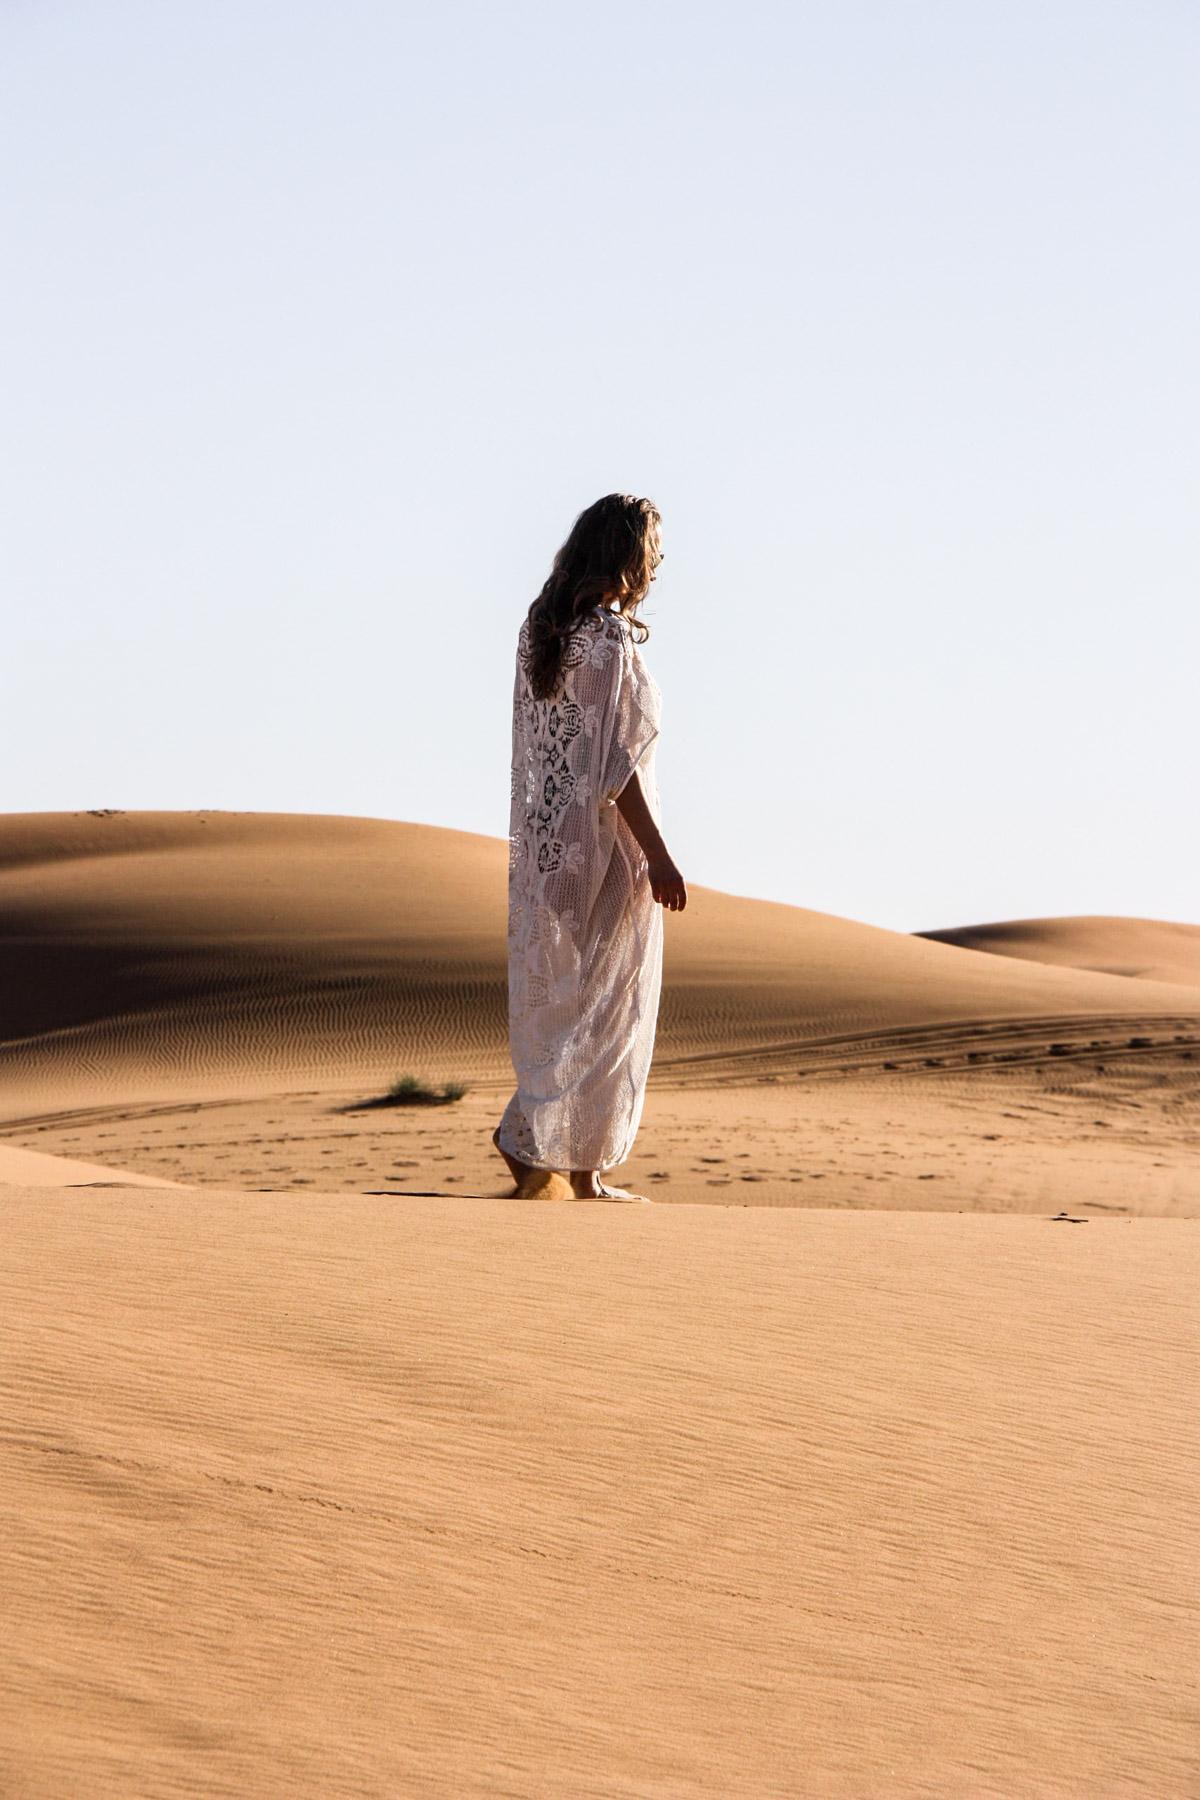 Zeitgeist Living Sundown in der Wüste & Marokko